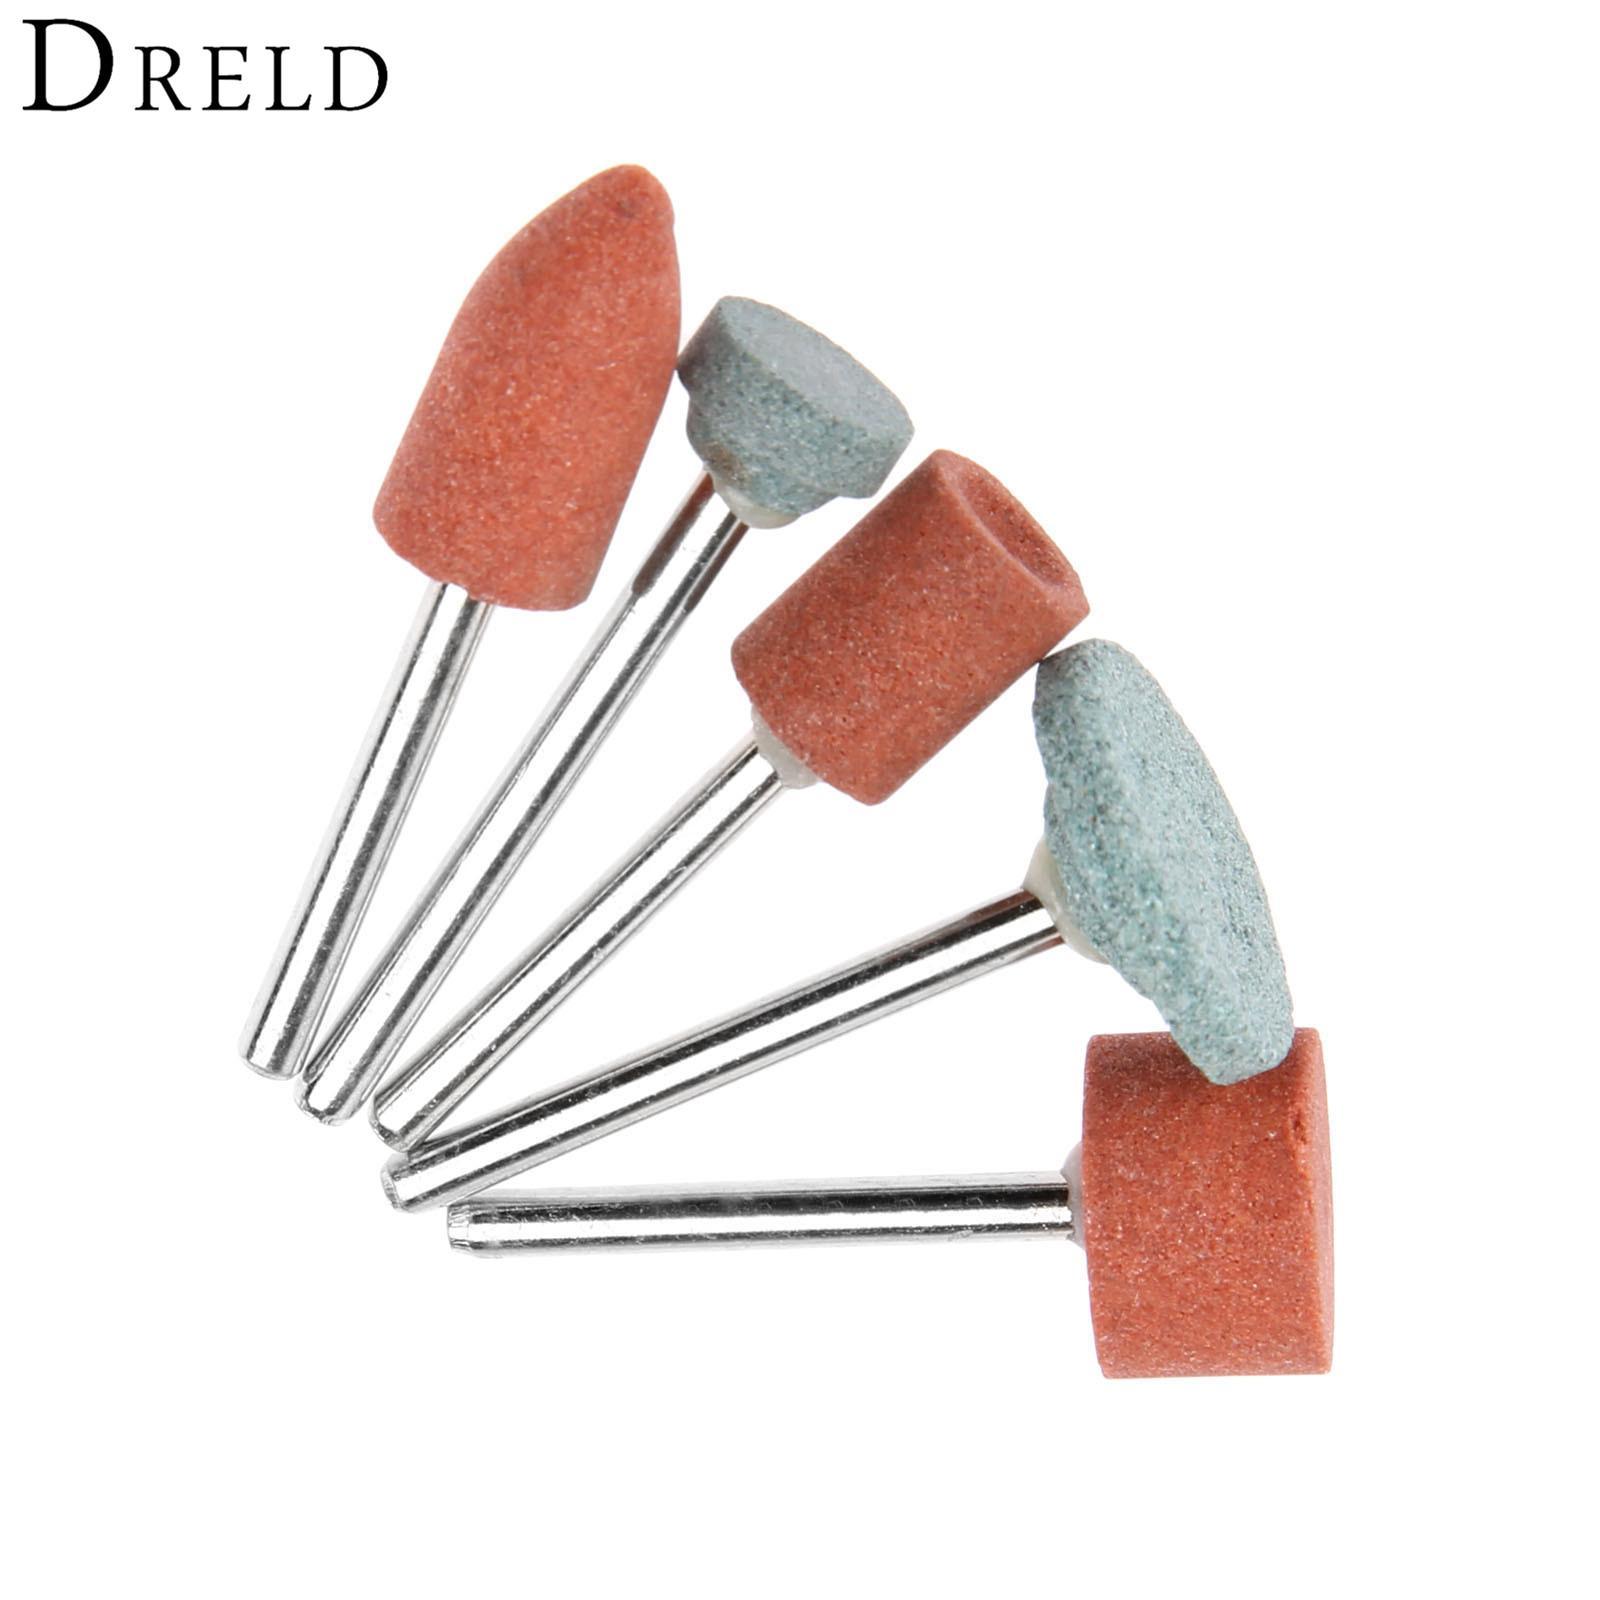 4 Stücke Shanks Für Dremel Dreh Werkzeug Dremel 50 Stücke Wolle Filz Polieren Polieren Rad Schleifen Polieren Pad Handwerkzeuge